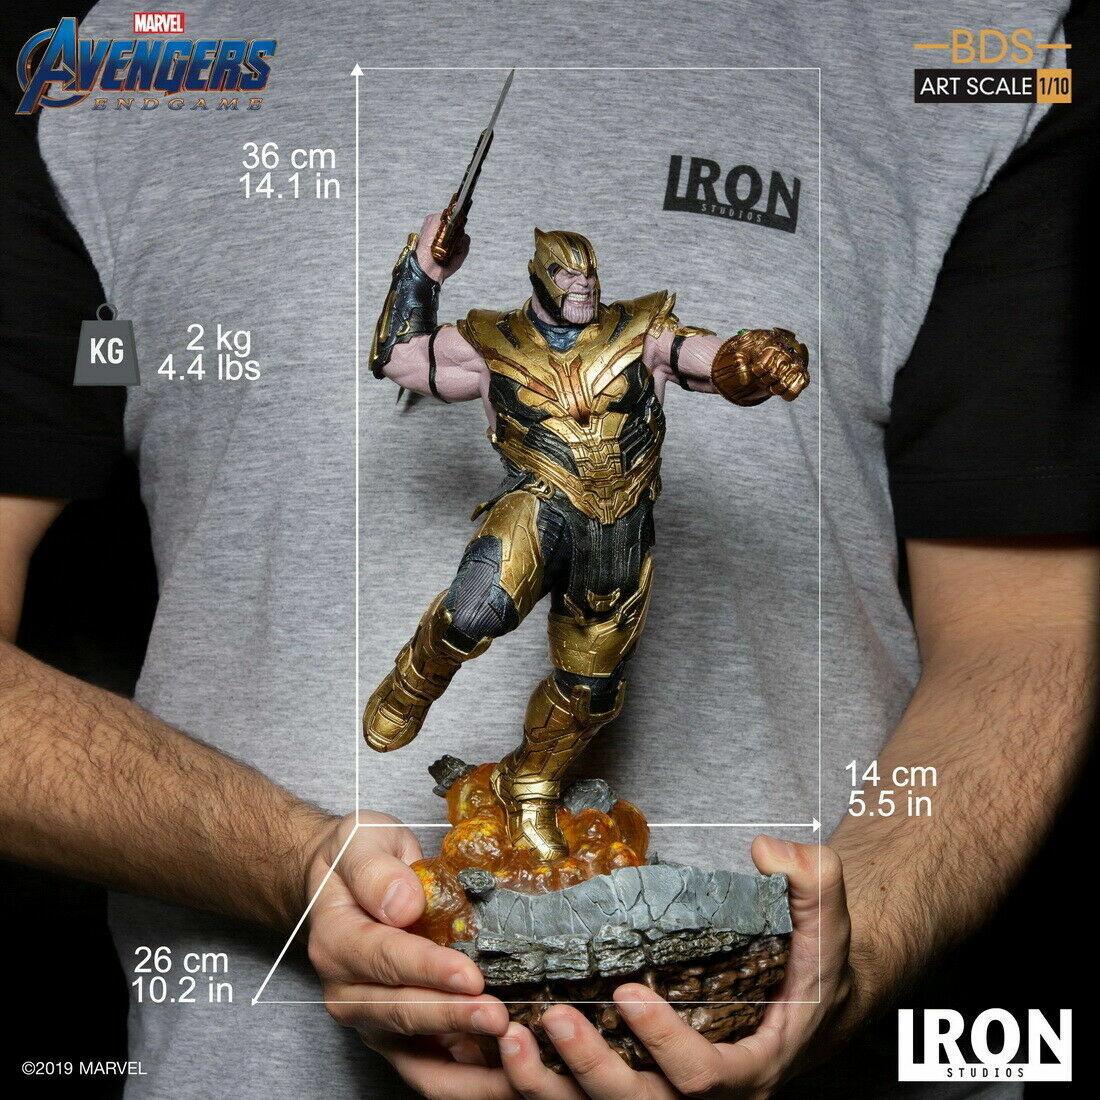 Iron Studios Avengers 1 10 Thanos Statue  Endgioco cifra Set Deluxe Version  controlla il più economico